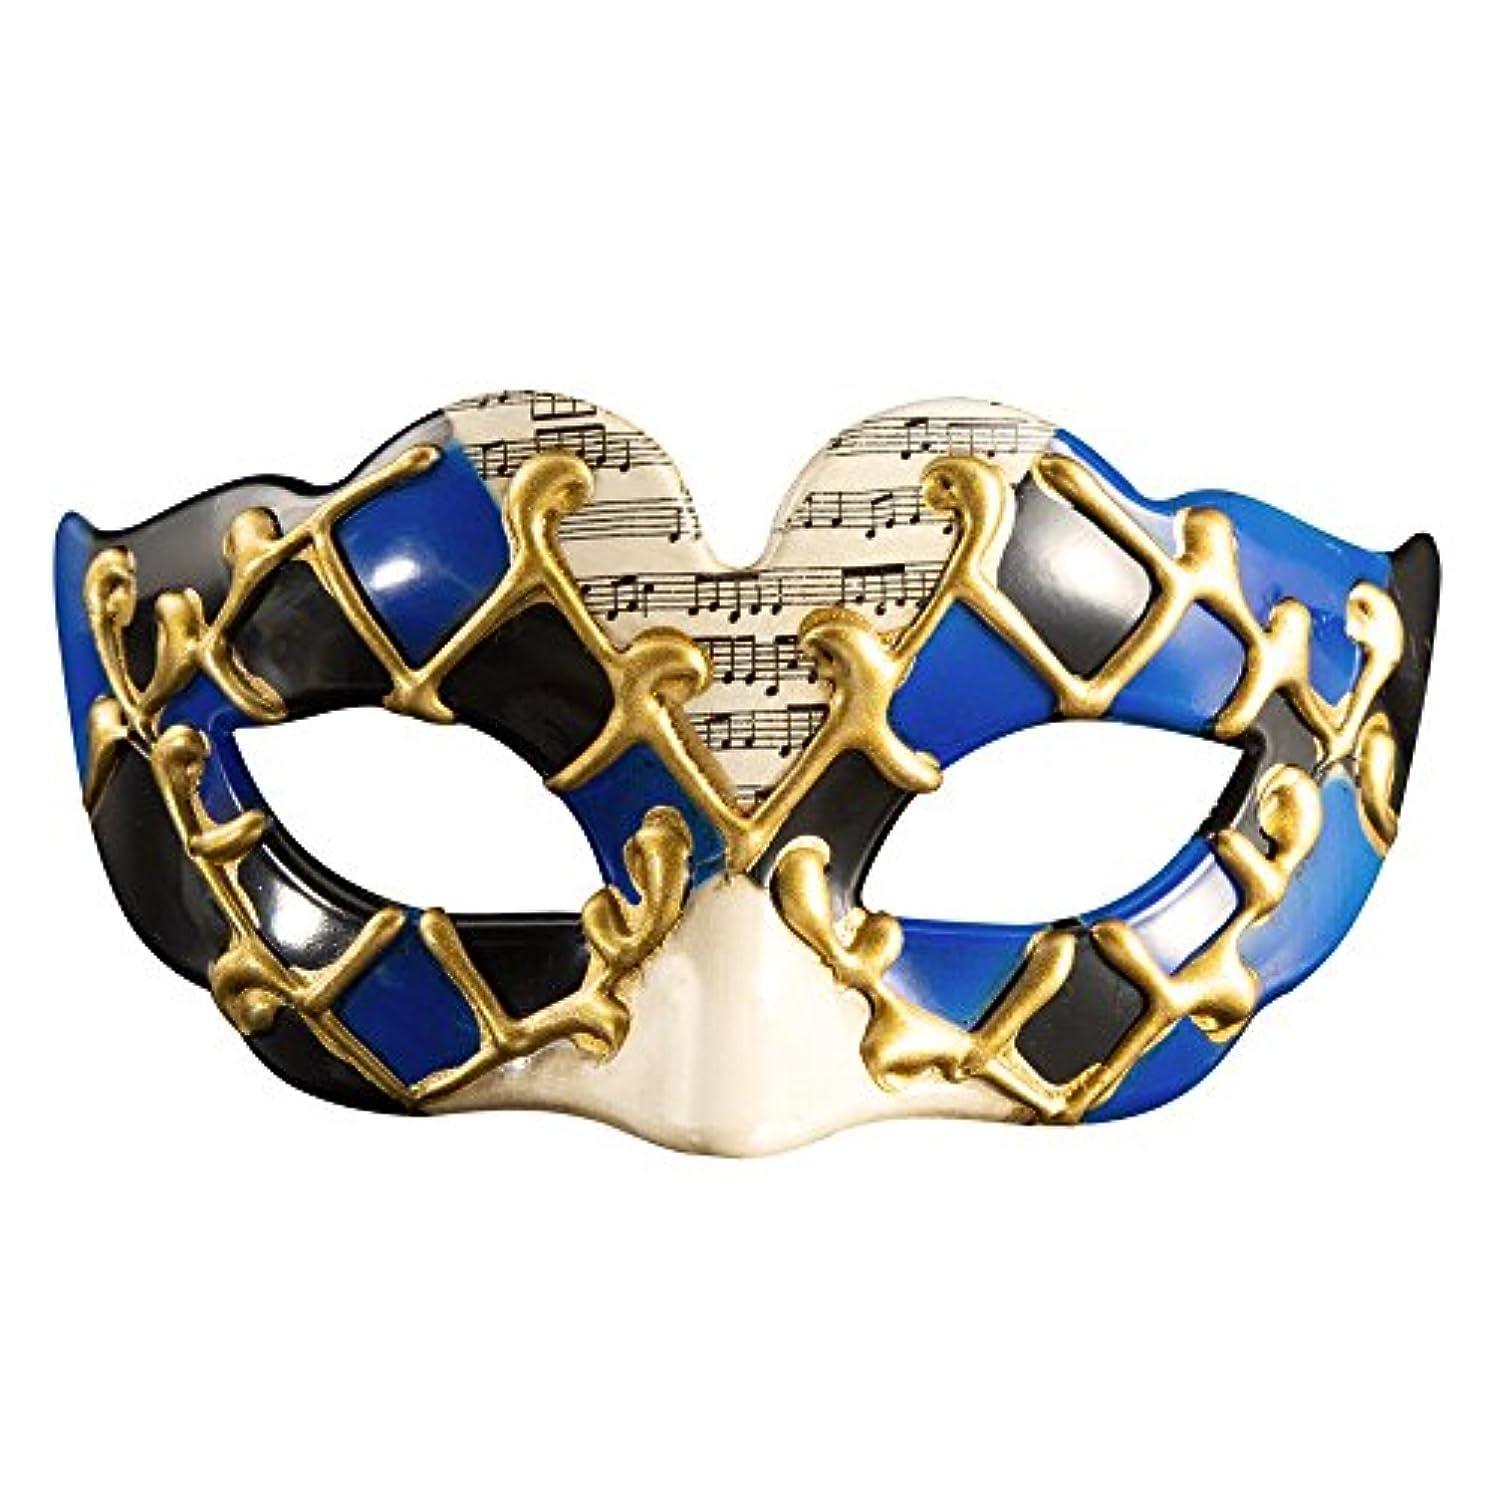 投獄おもてなし恥ずかしいクリエイティブ子供の半分の顔ハロウィーンマスクパーティー新しいファンシードレスボールマスク (Color : C)